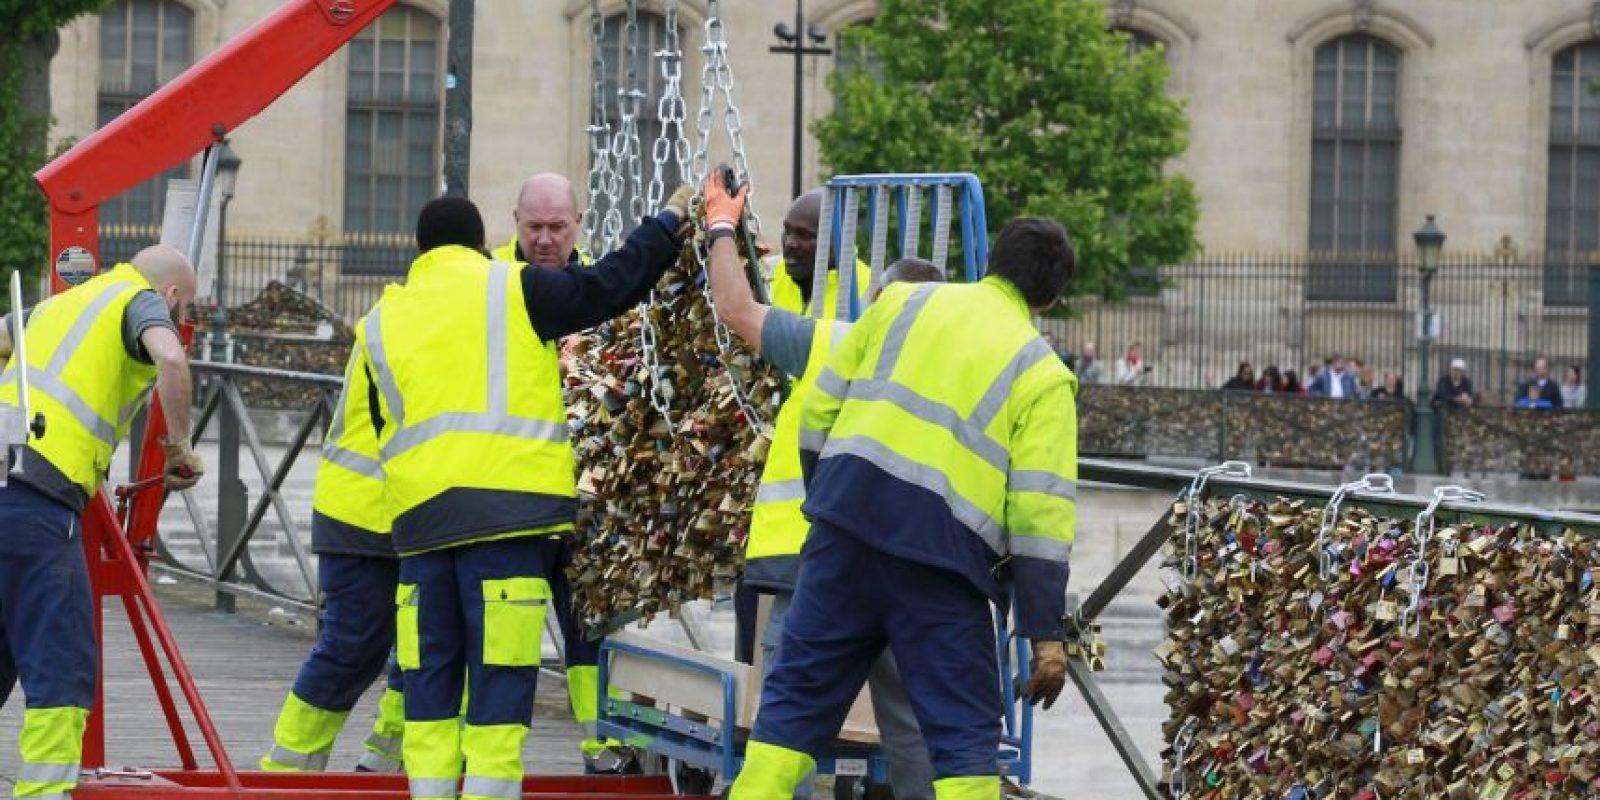 París se despidió hoy y para siempre de los miles de candados que colgaban en el puente Pont des Arts. Foto:AP